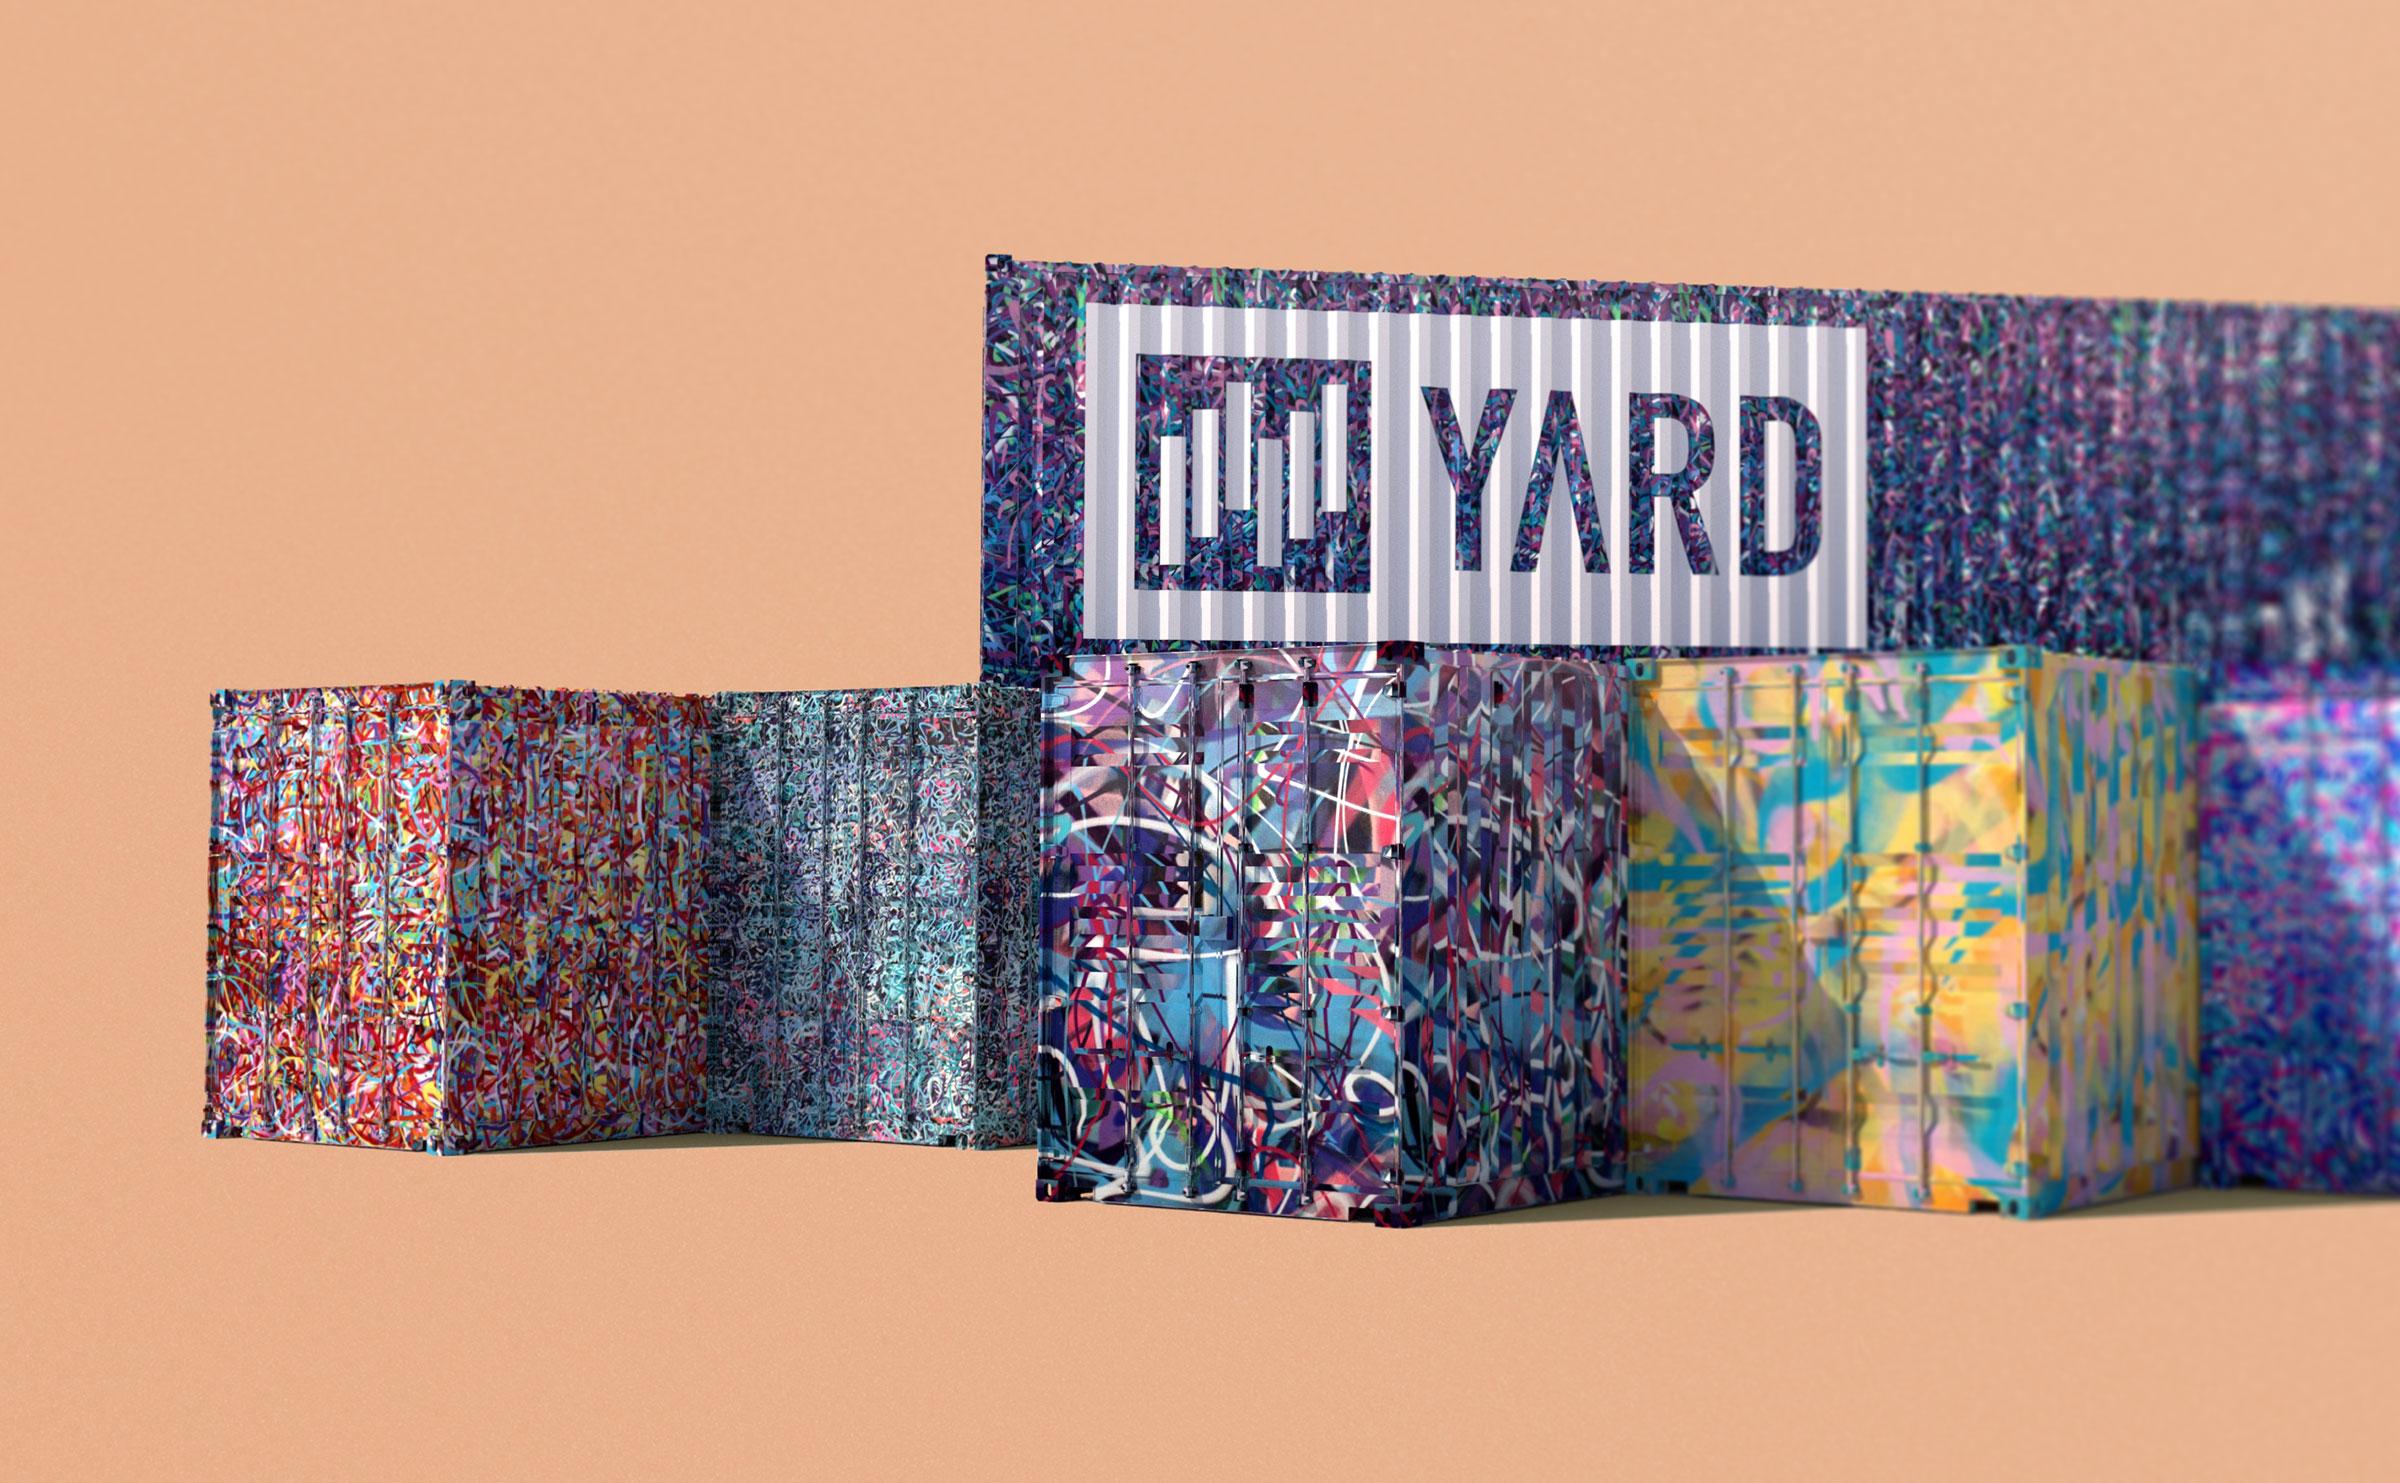 Nicolai Spicher | Yard